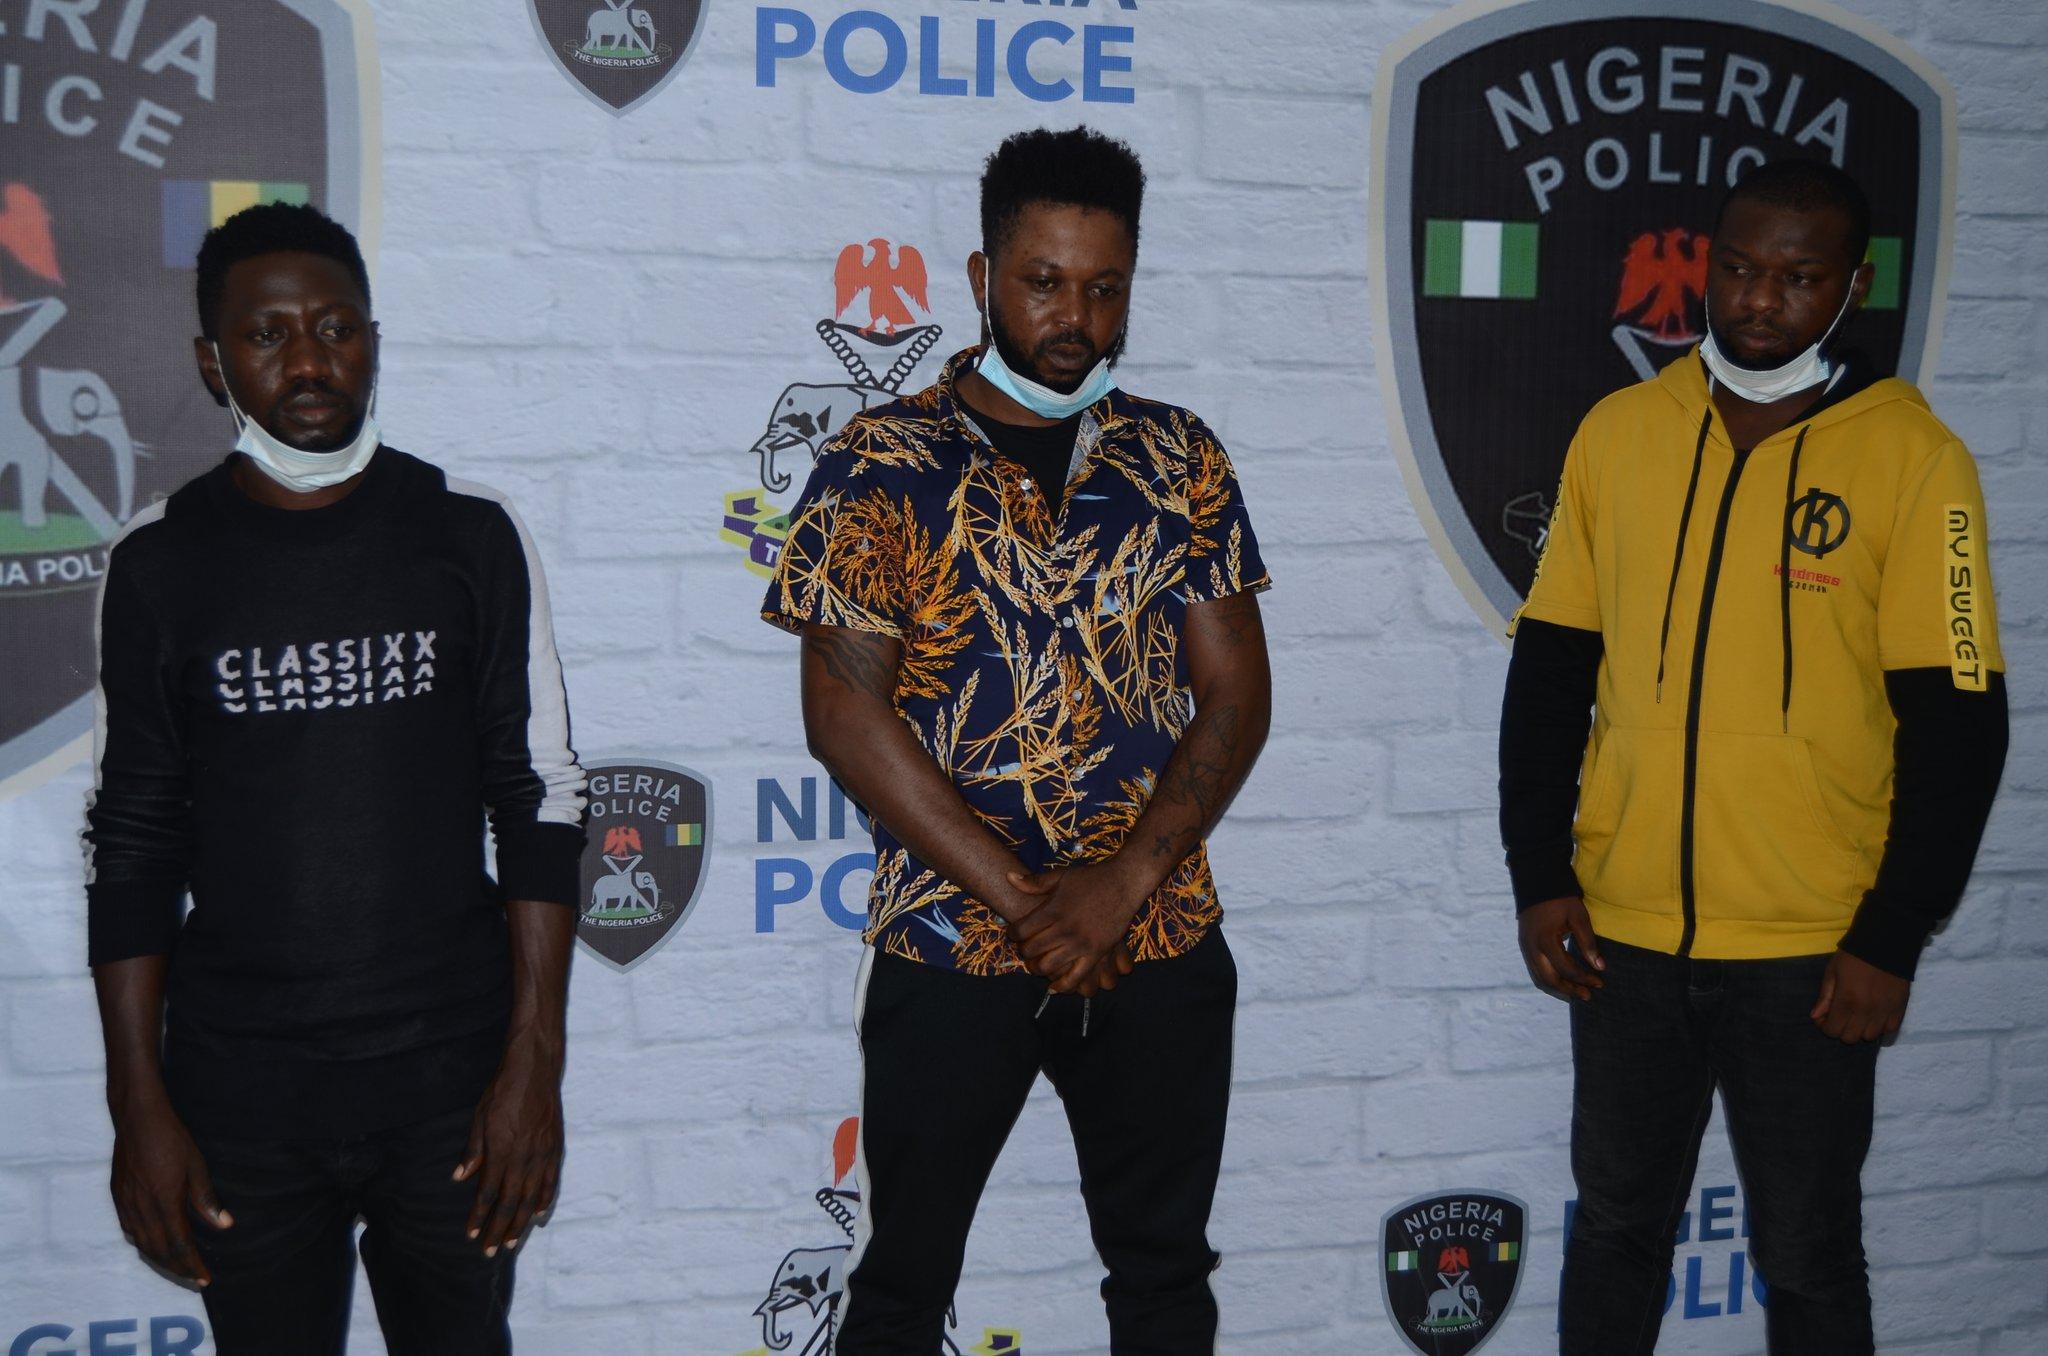 Nigeria in cybercrime